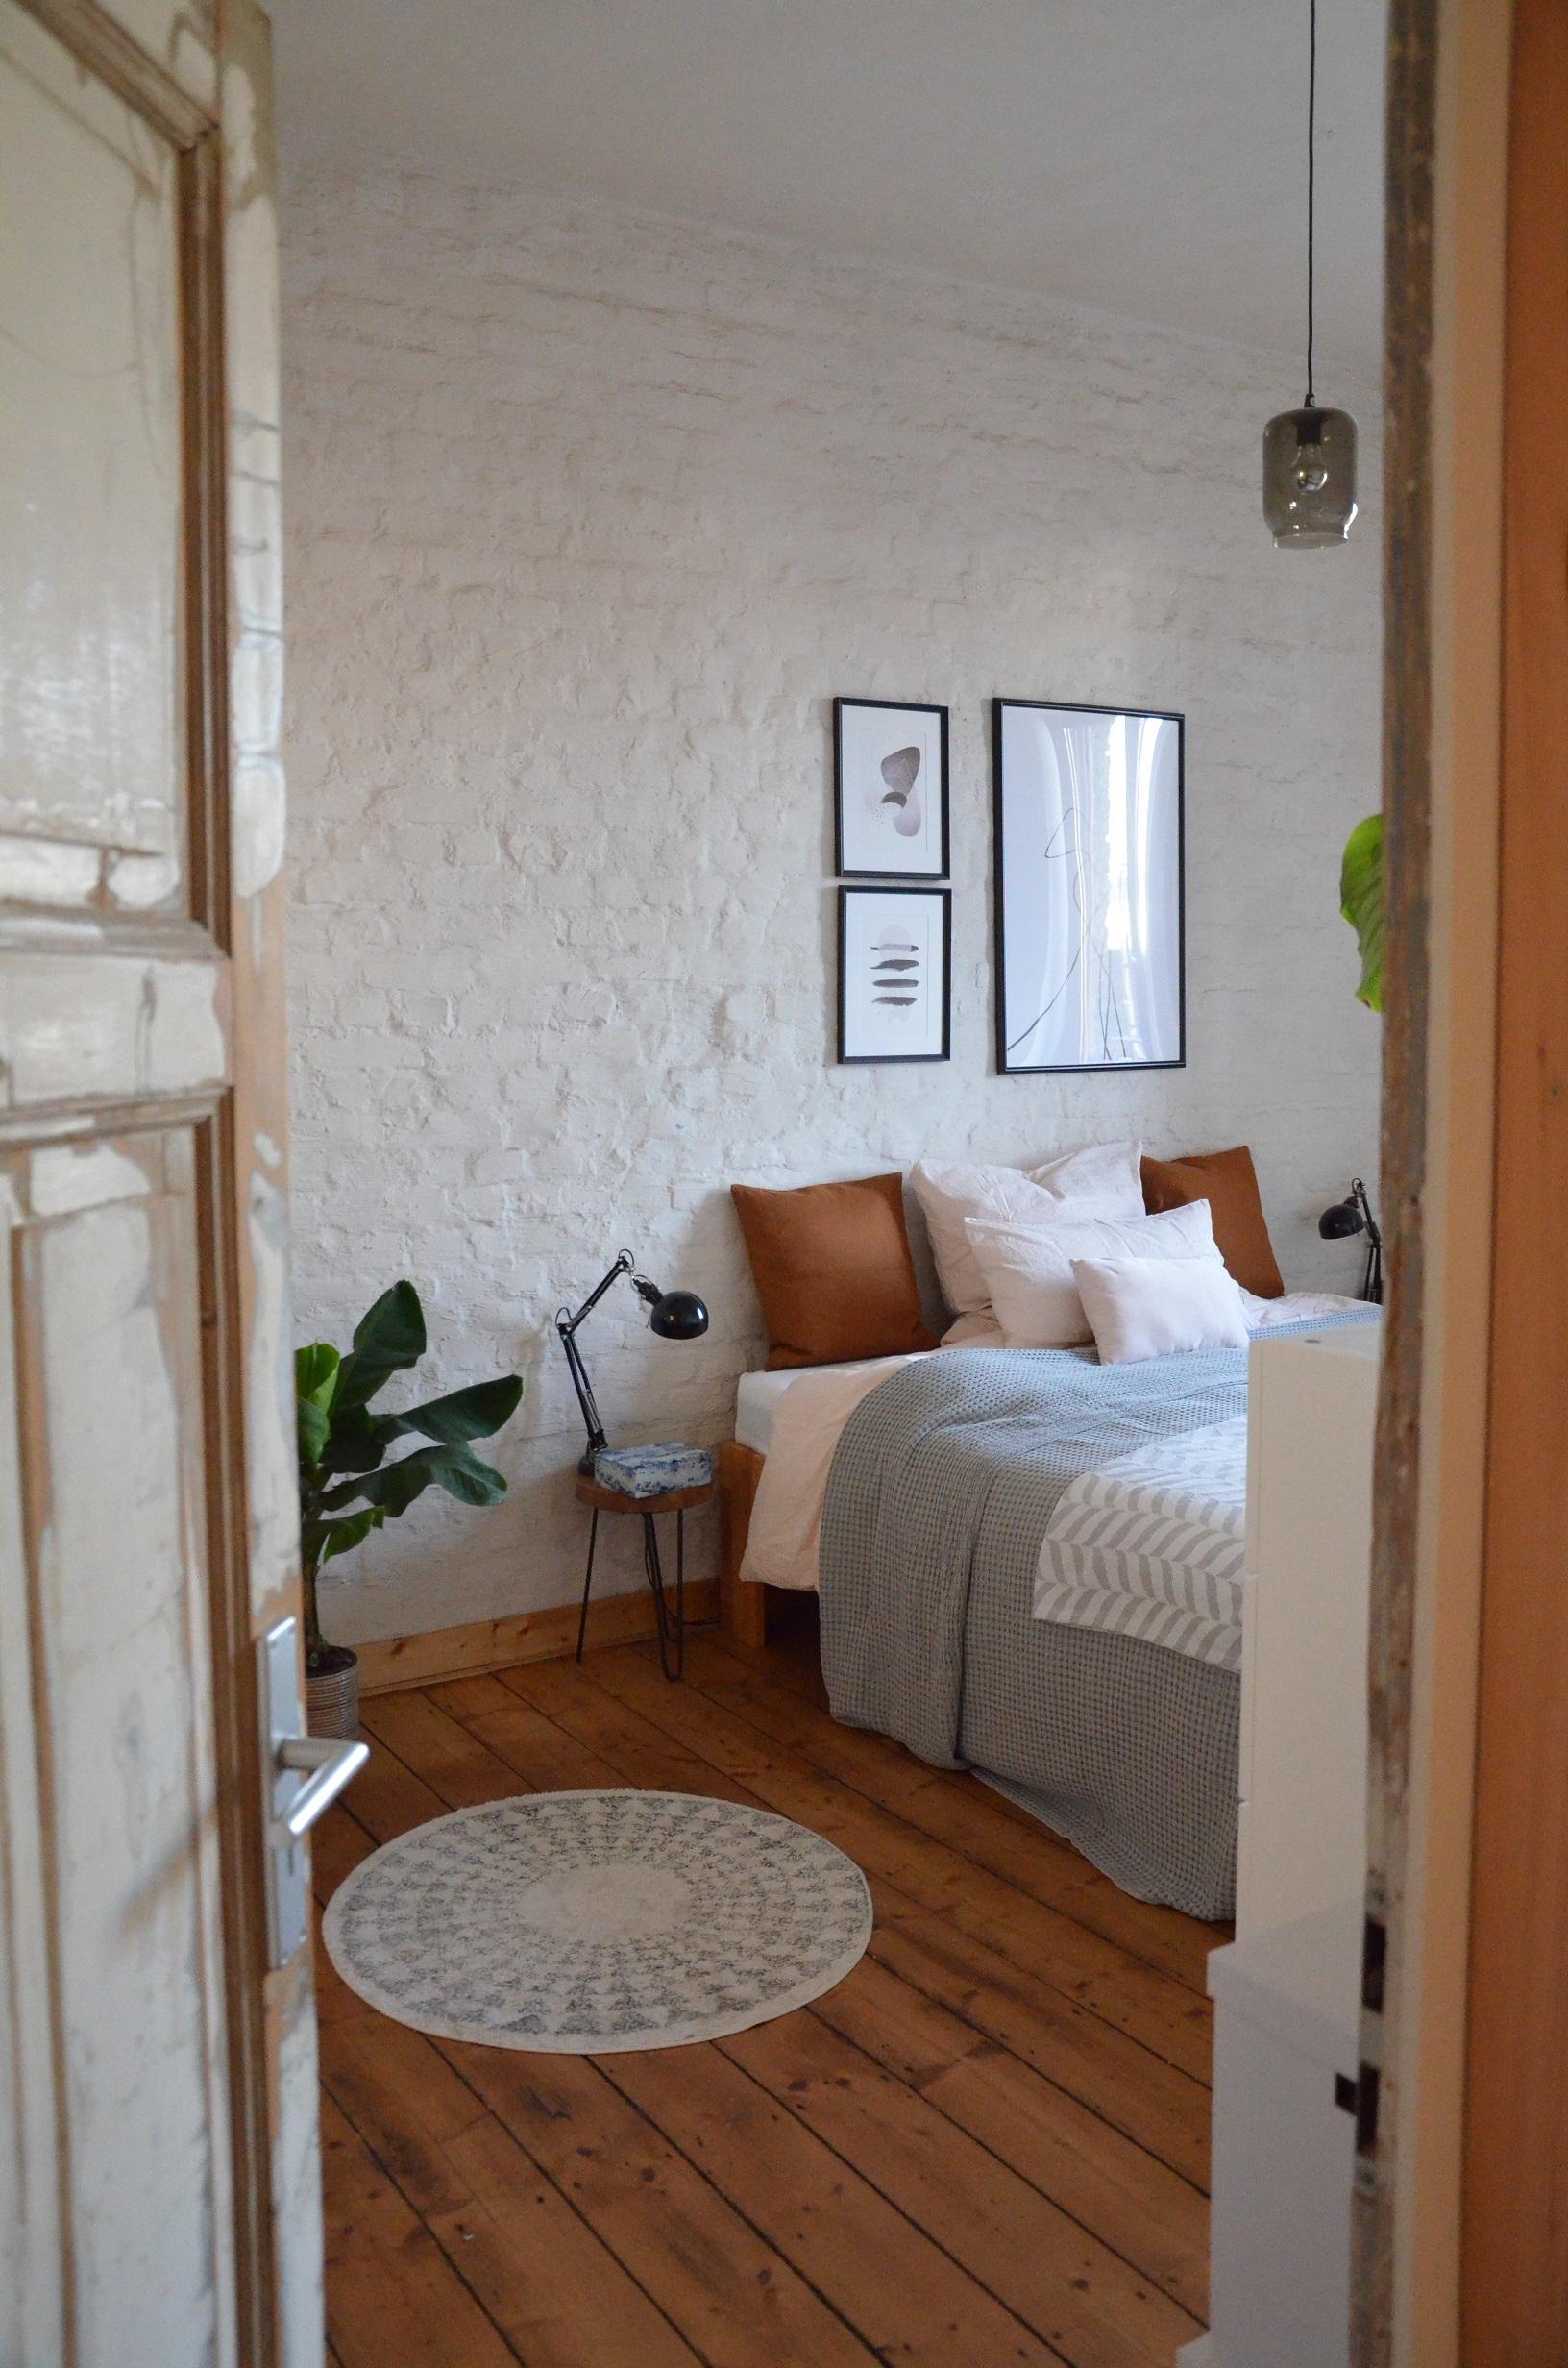 Karoline vereint Form mit Funktion in ihrer offenen Wohnung.